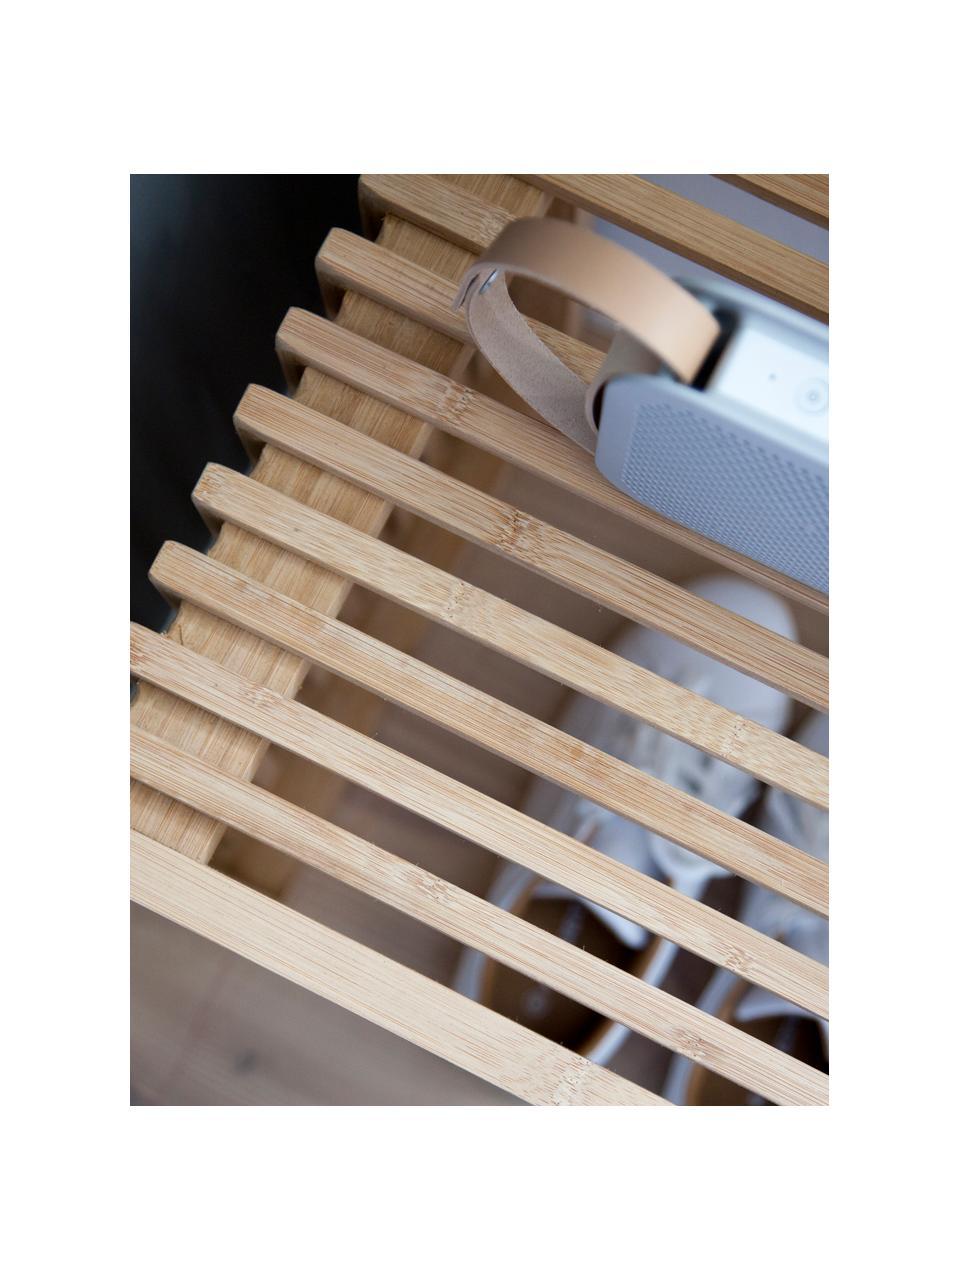 Sgabello moderno in bambù Rib, Legno di bambù sabbiato e oliato, Marrone, Larg. 45 x Alt. 43 cm